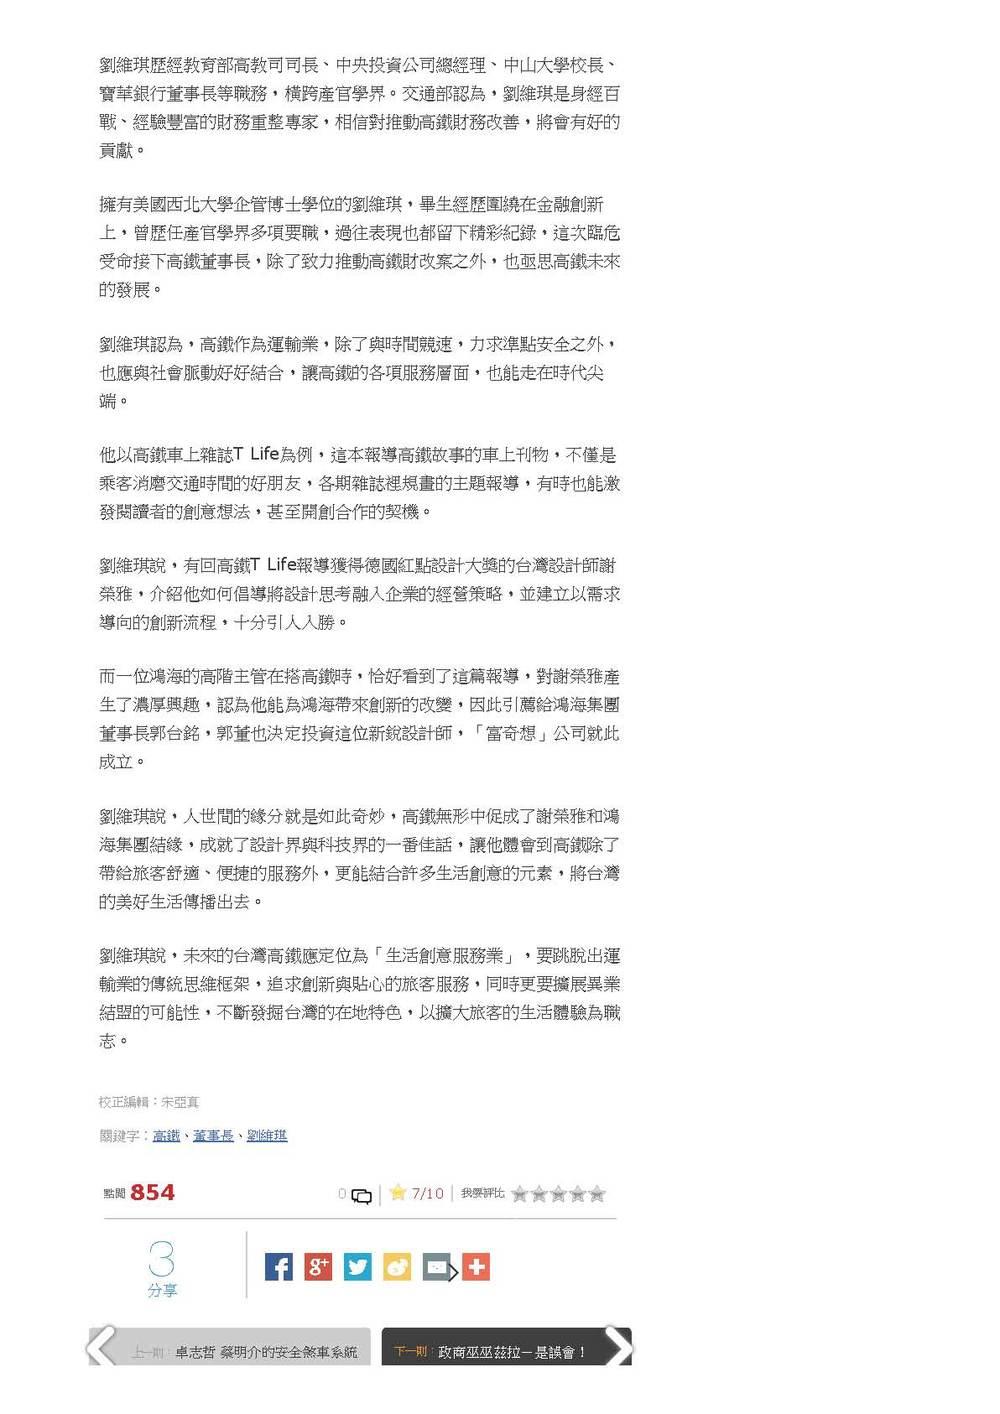 劉維琪讓高鐵駛出生活創意_中時電子報_2015.04.26_頁面_2.jpg